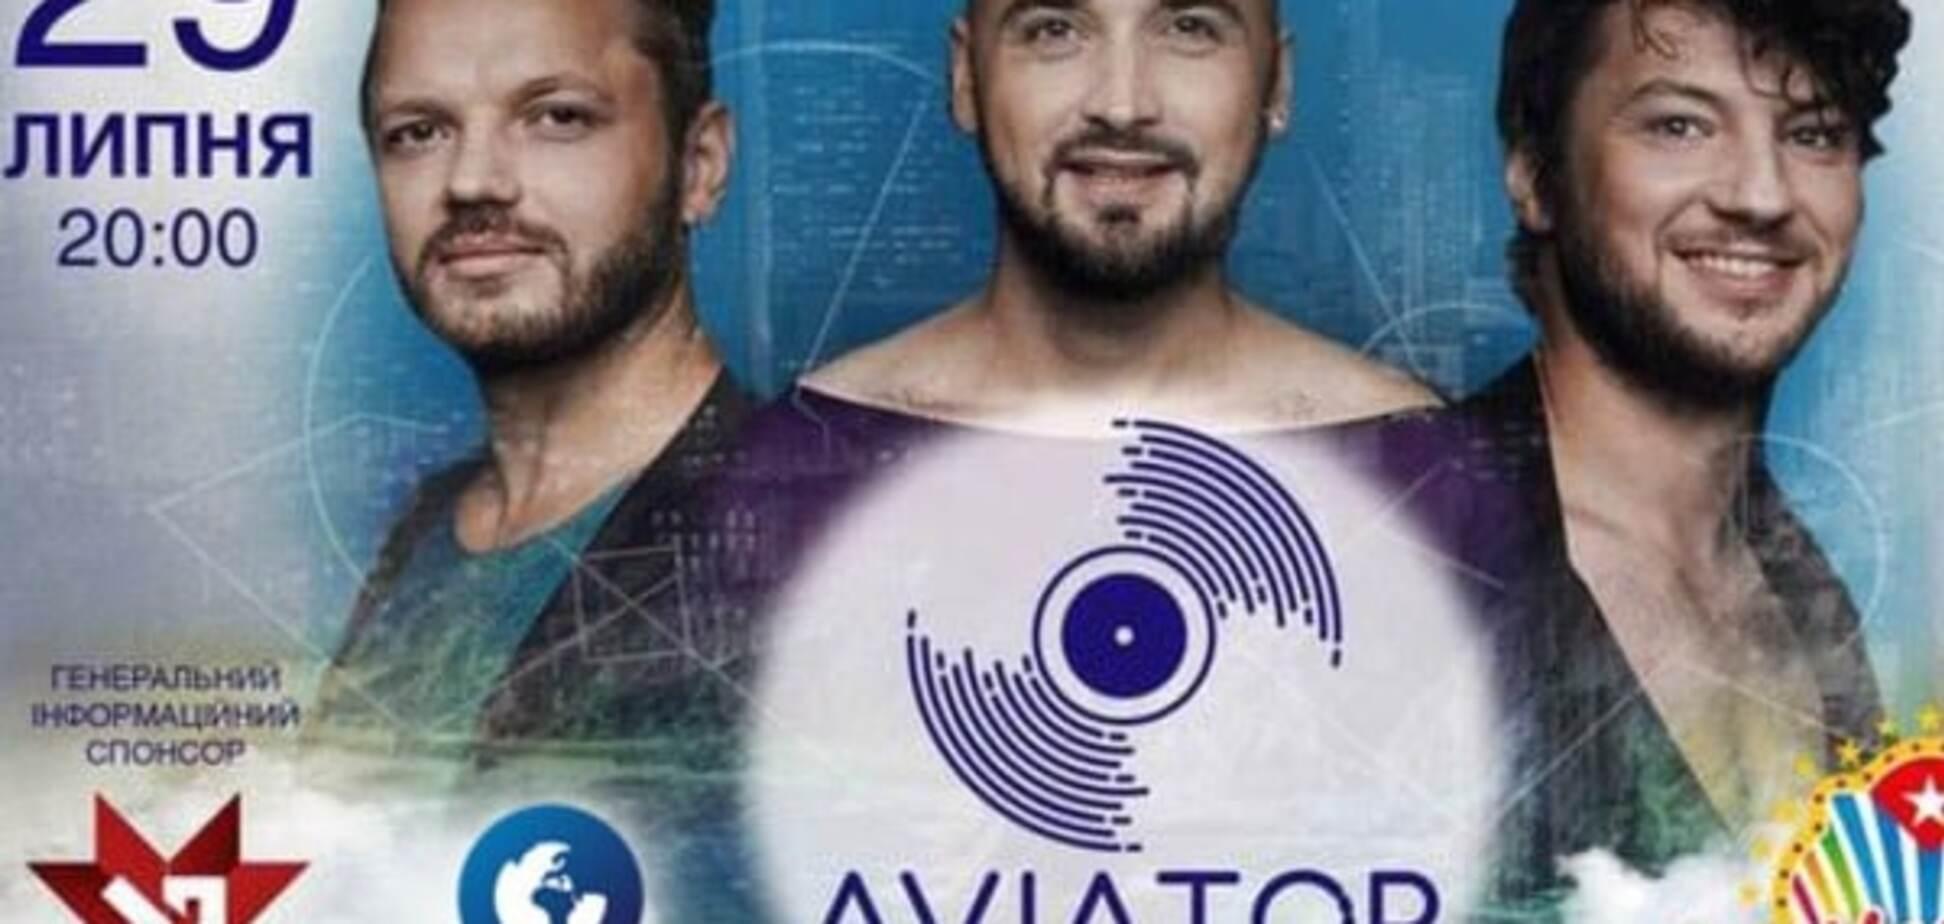 29 липня в Києві выступить AVIATOR з сольною програмою 'По небу'